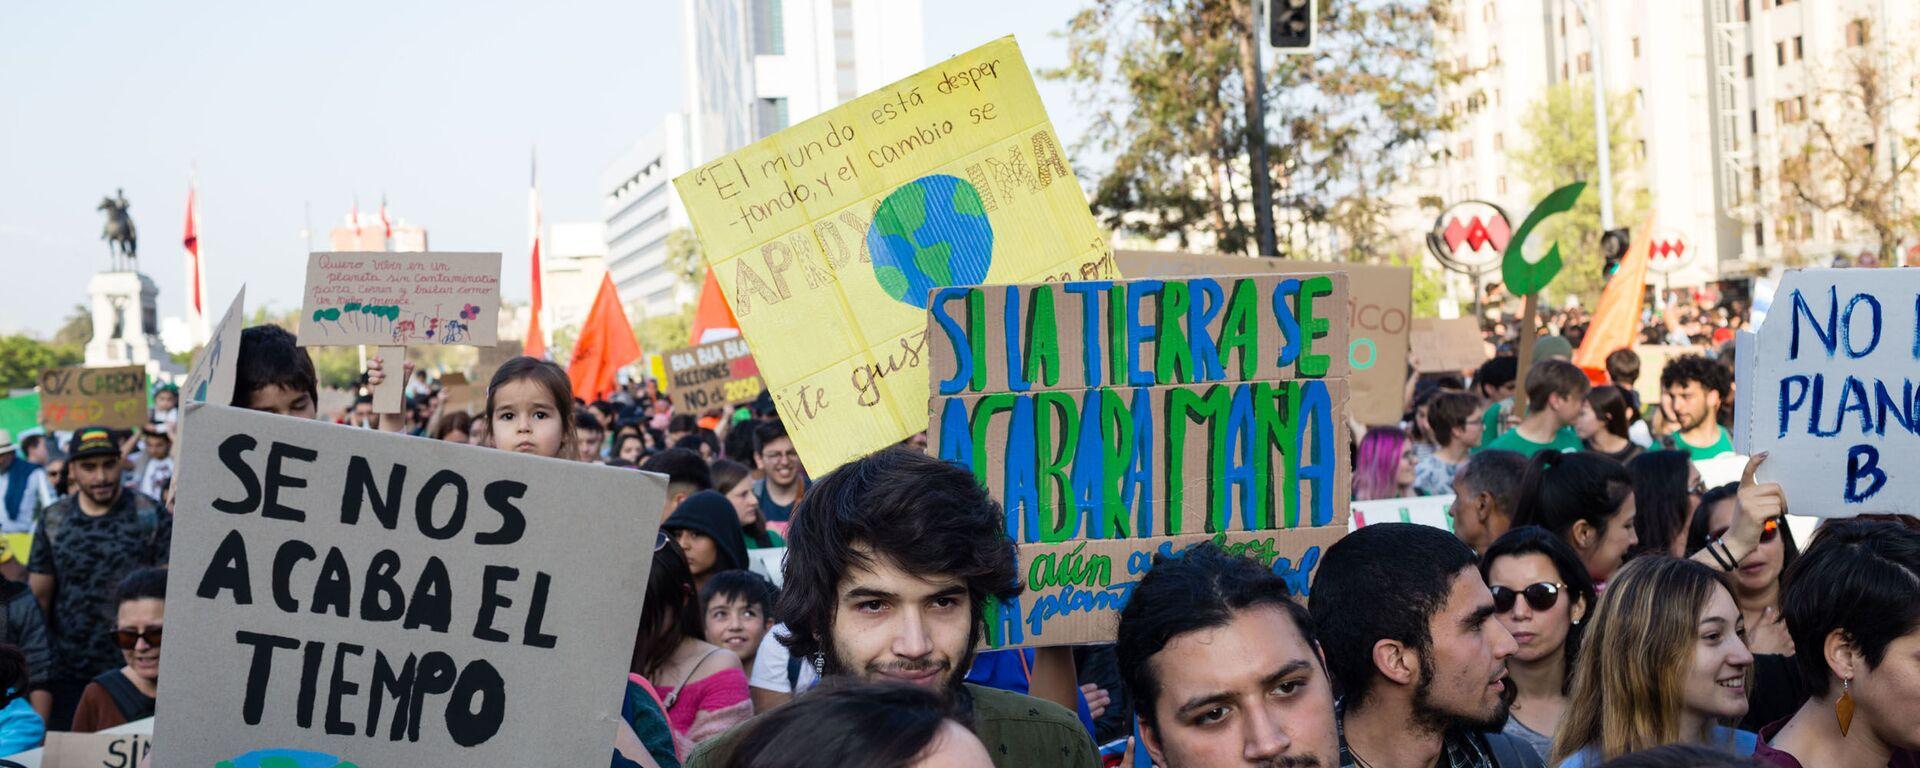 Marcha por el medioambiente - Sputnik Mundo, 1920, 25.09.2020